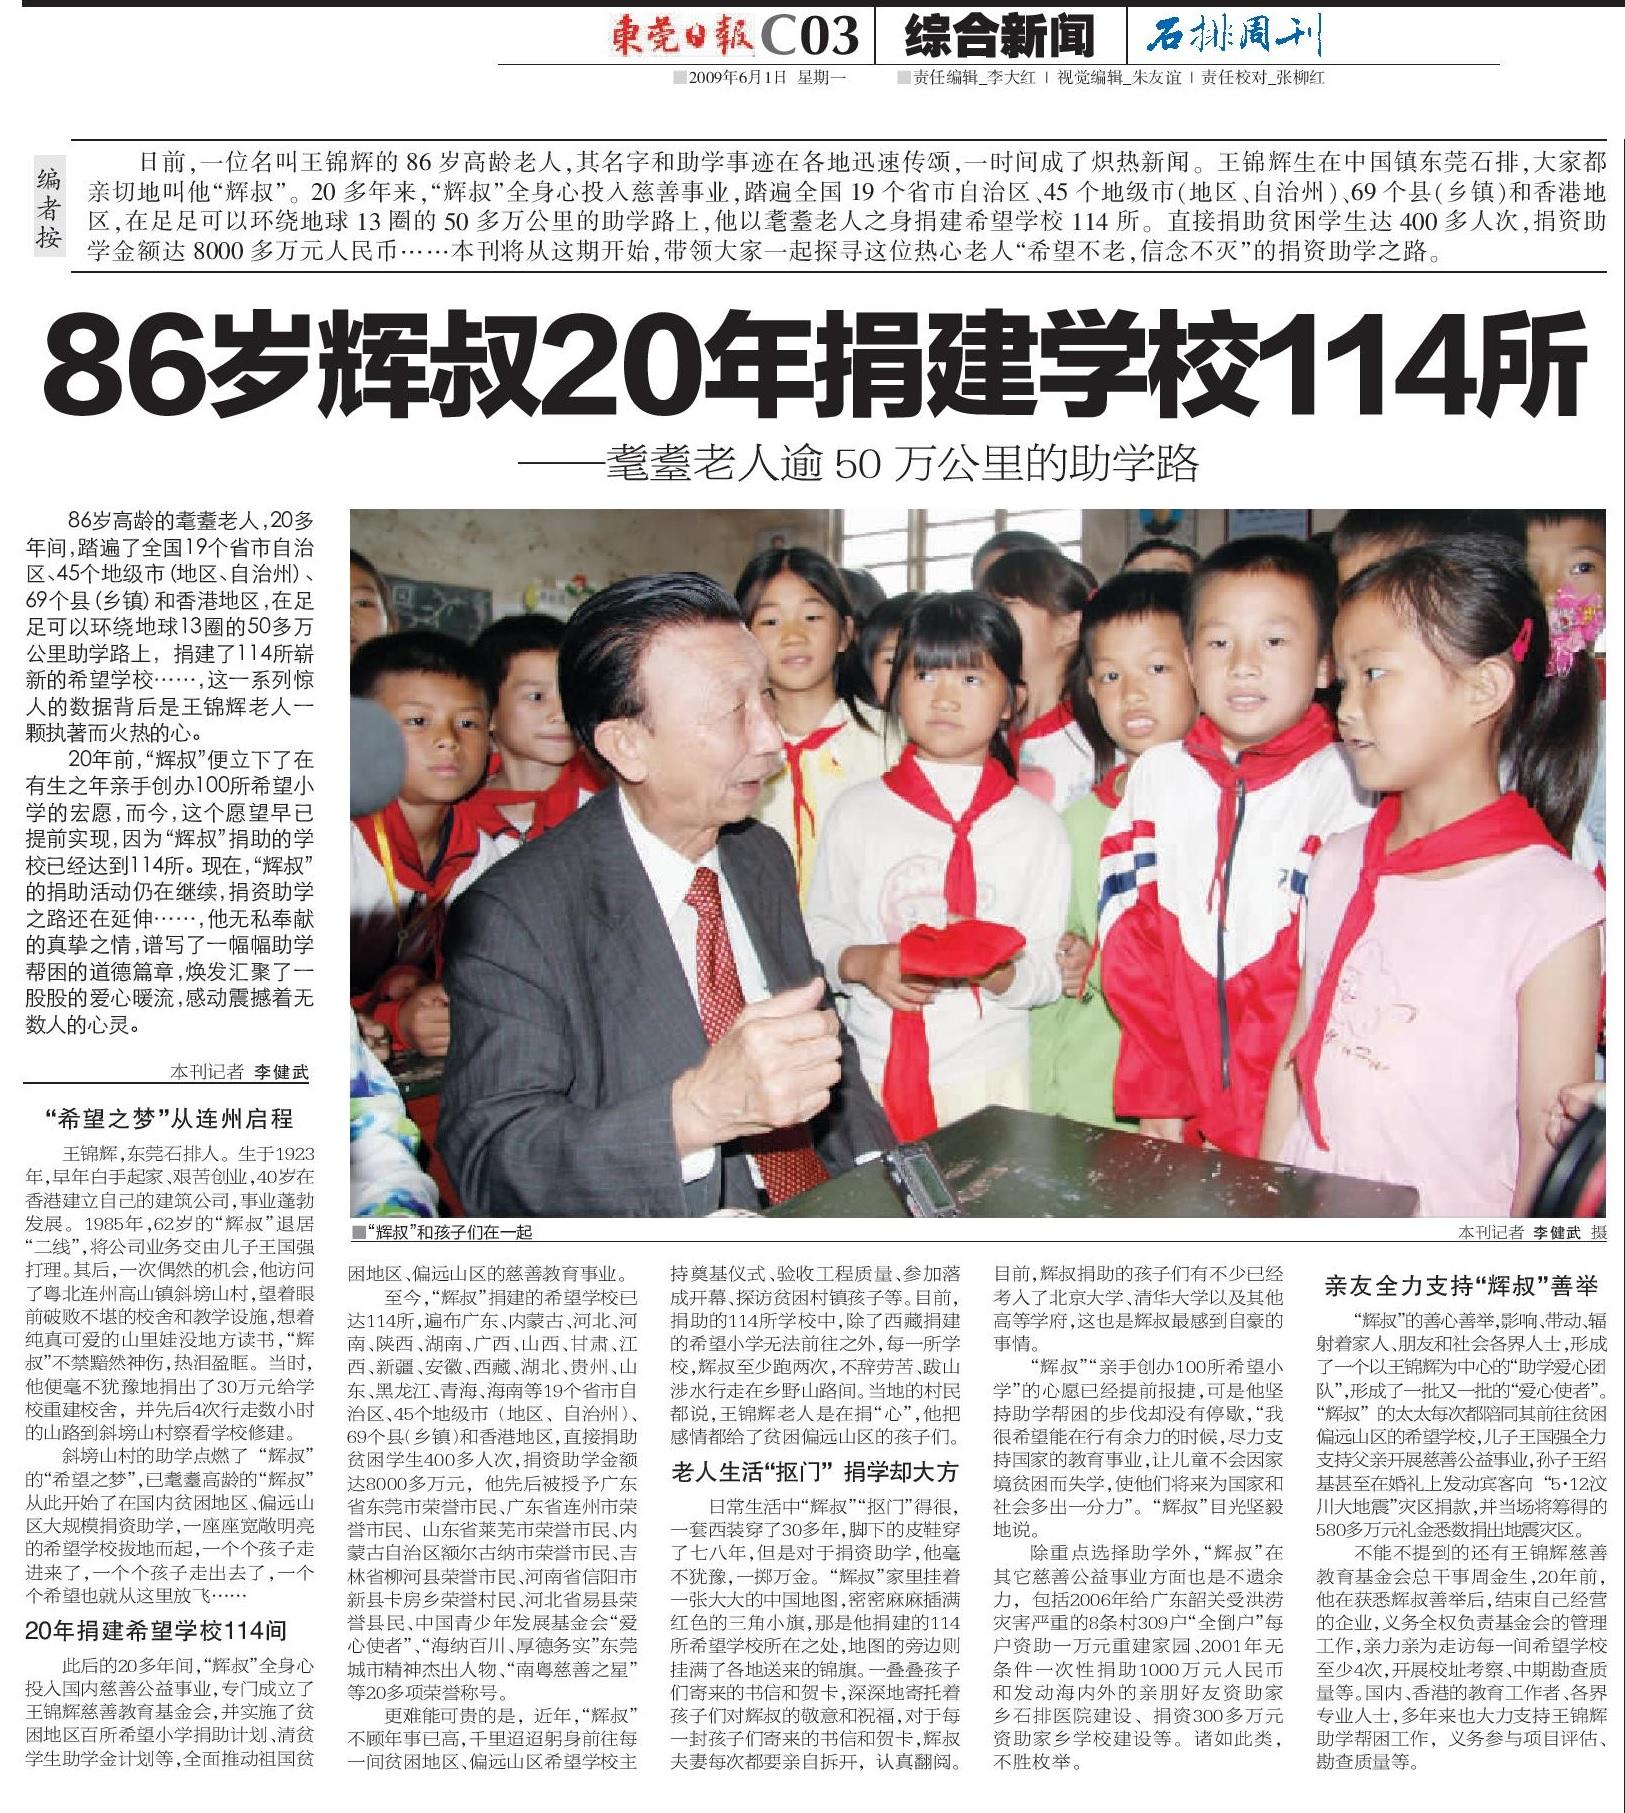 20090601_86歲輝叔20年捐建學校114所